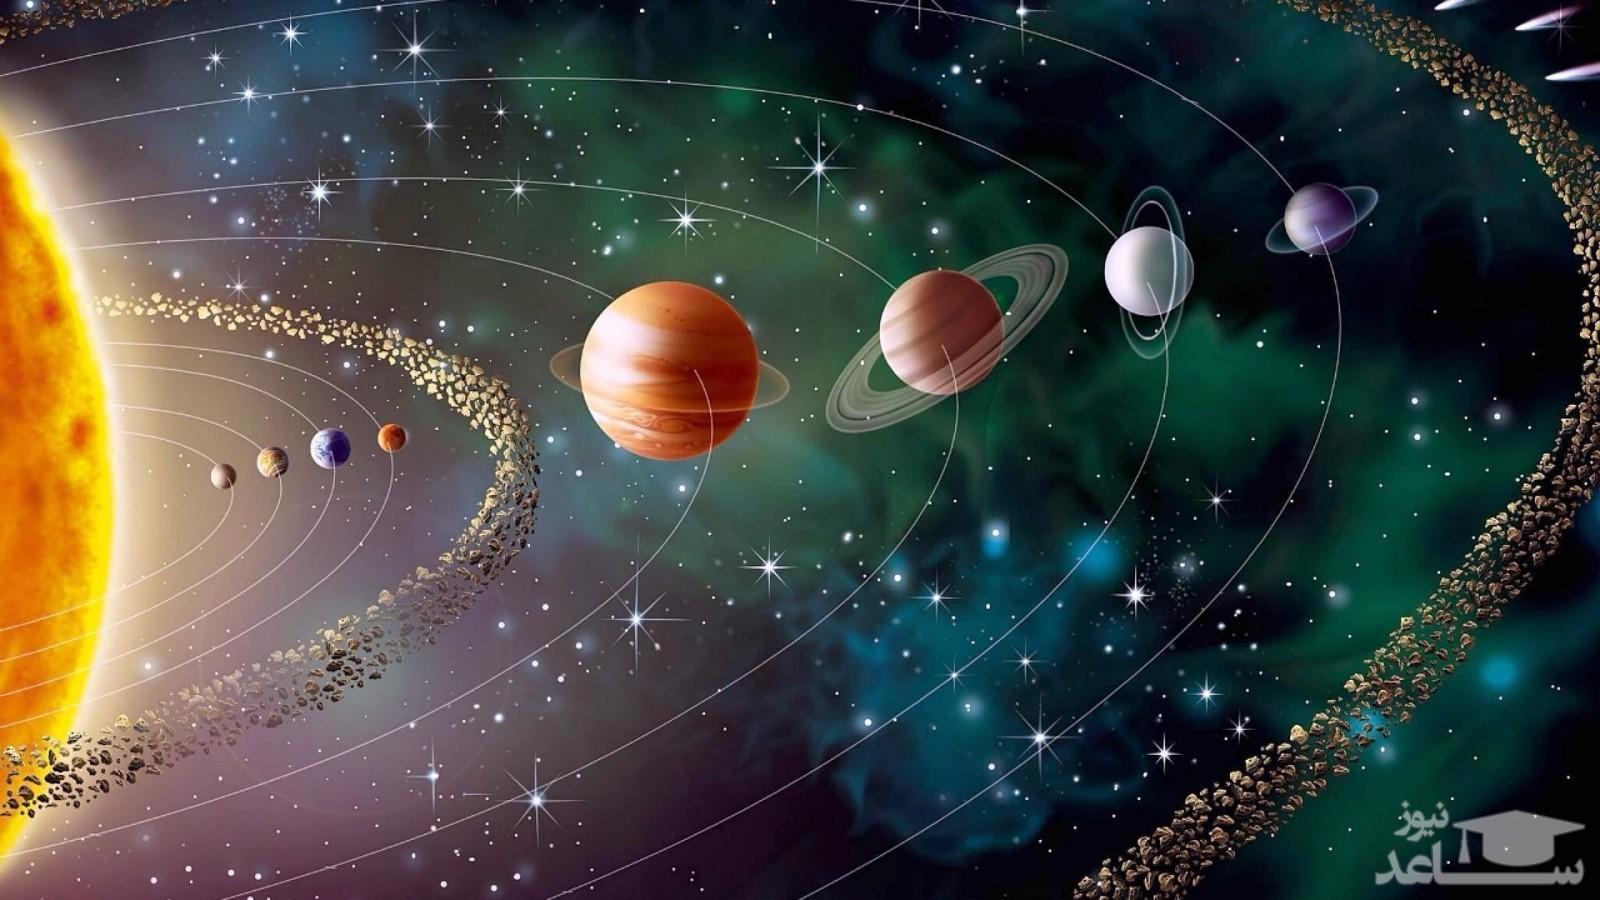 تصویری زیبا از کهکشان راه شیری